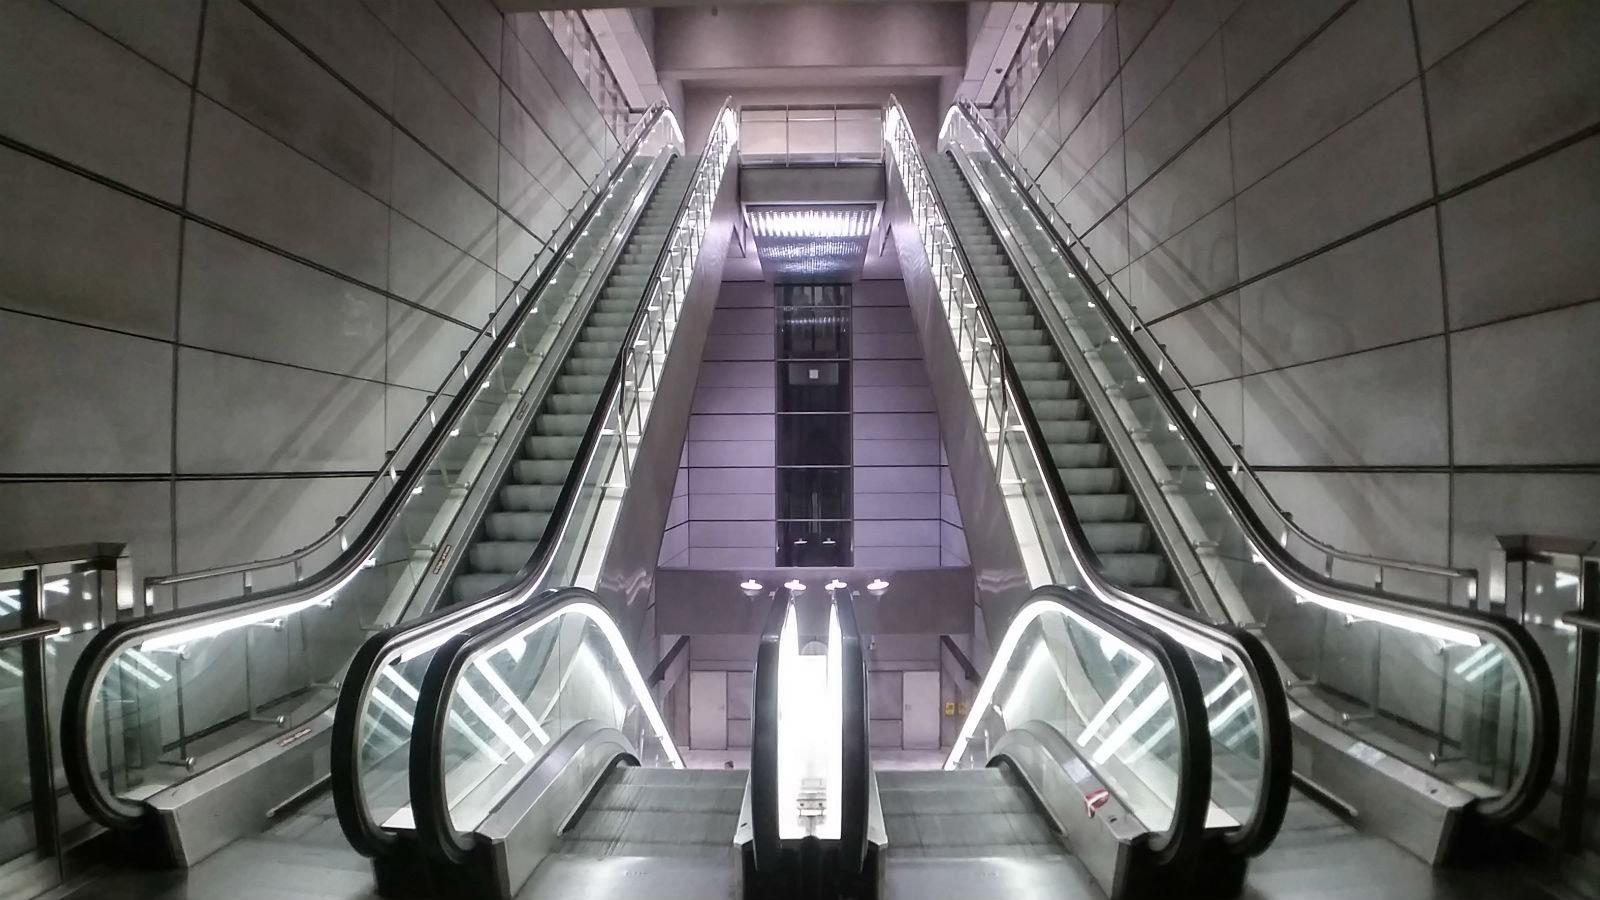 Copenhagen cityringen stations of the new metro 1